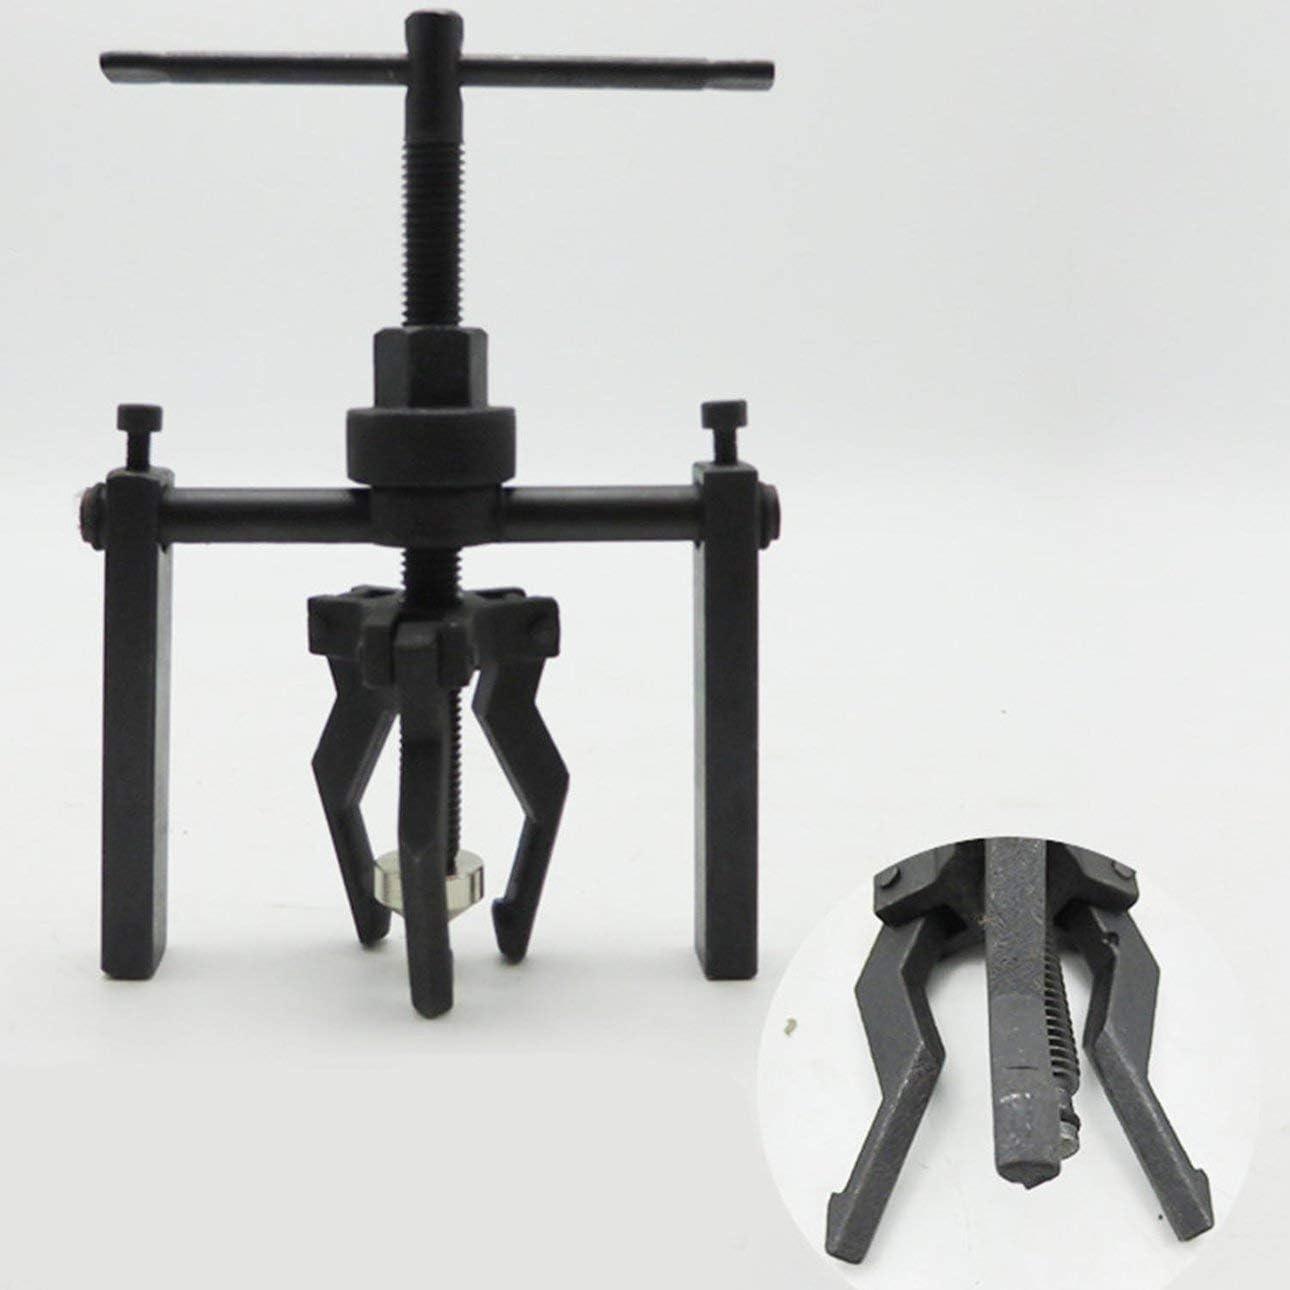 Ballylelly Tres mordazas Extractor de Engranajes Armaz/ón Extractor de Orificios internos Cojinete Extractor de forja